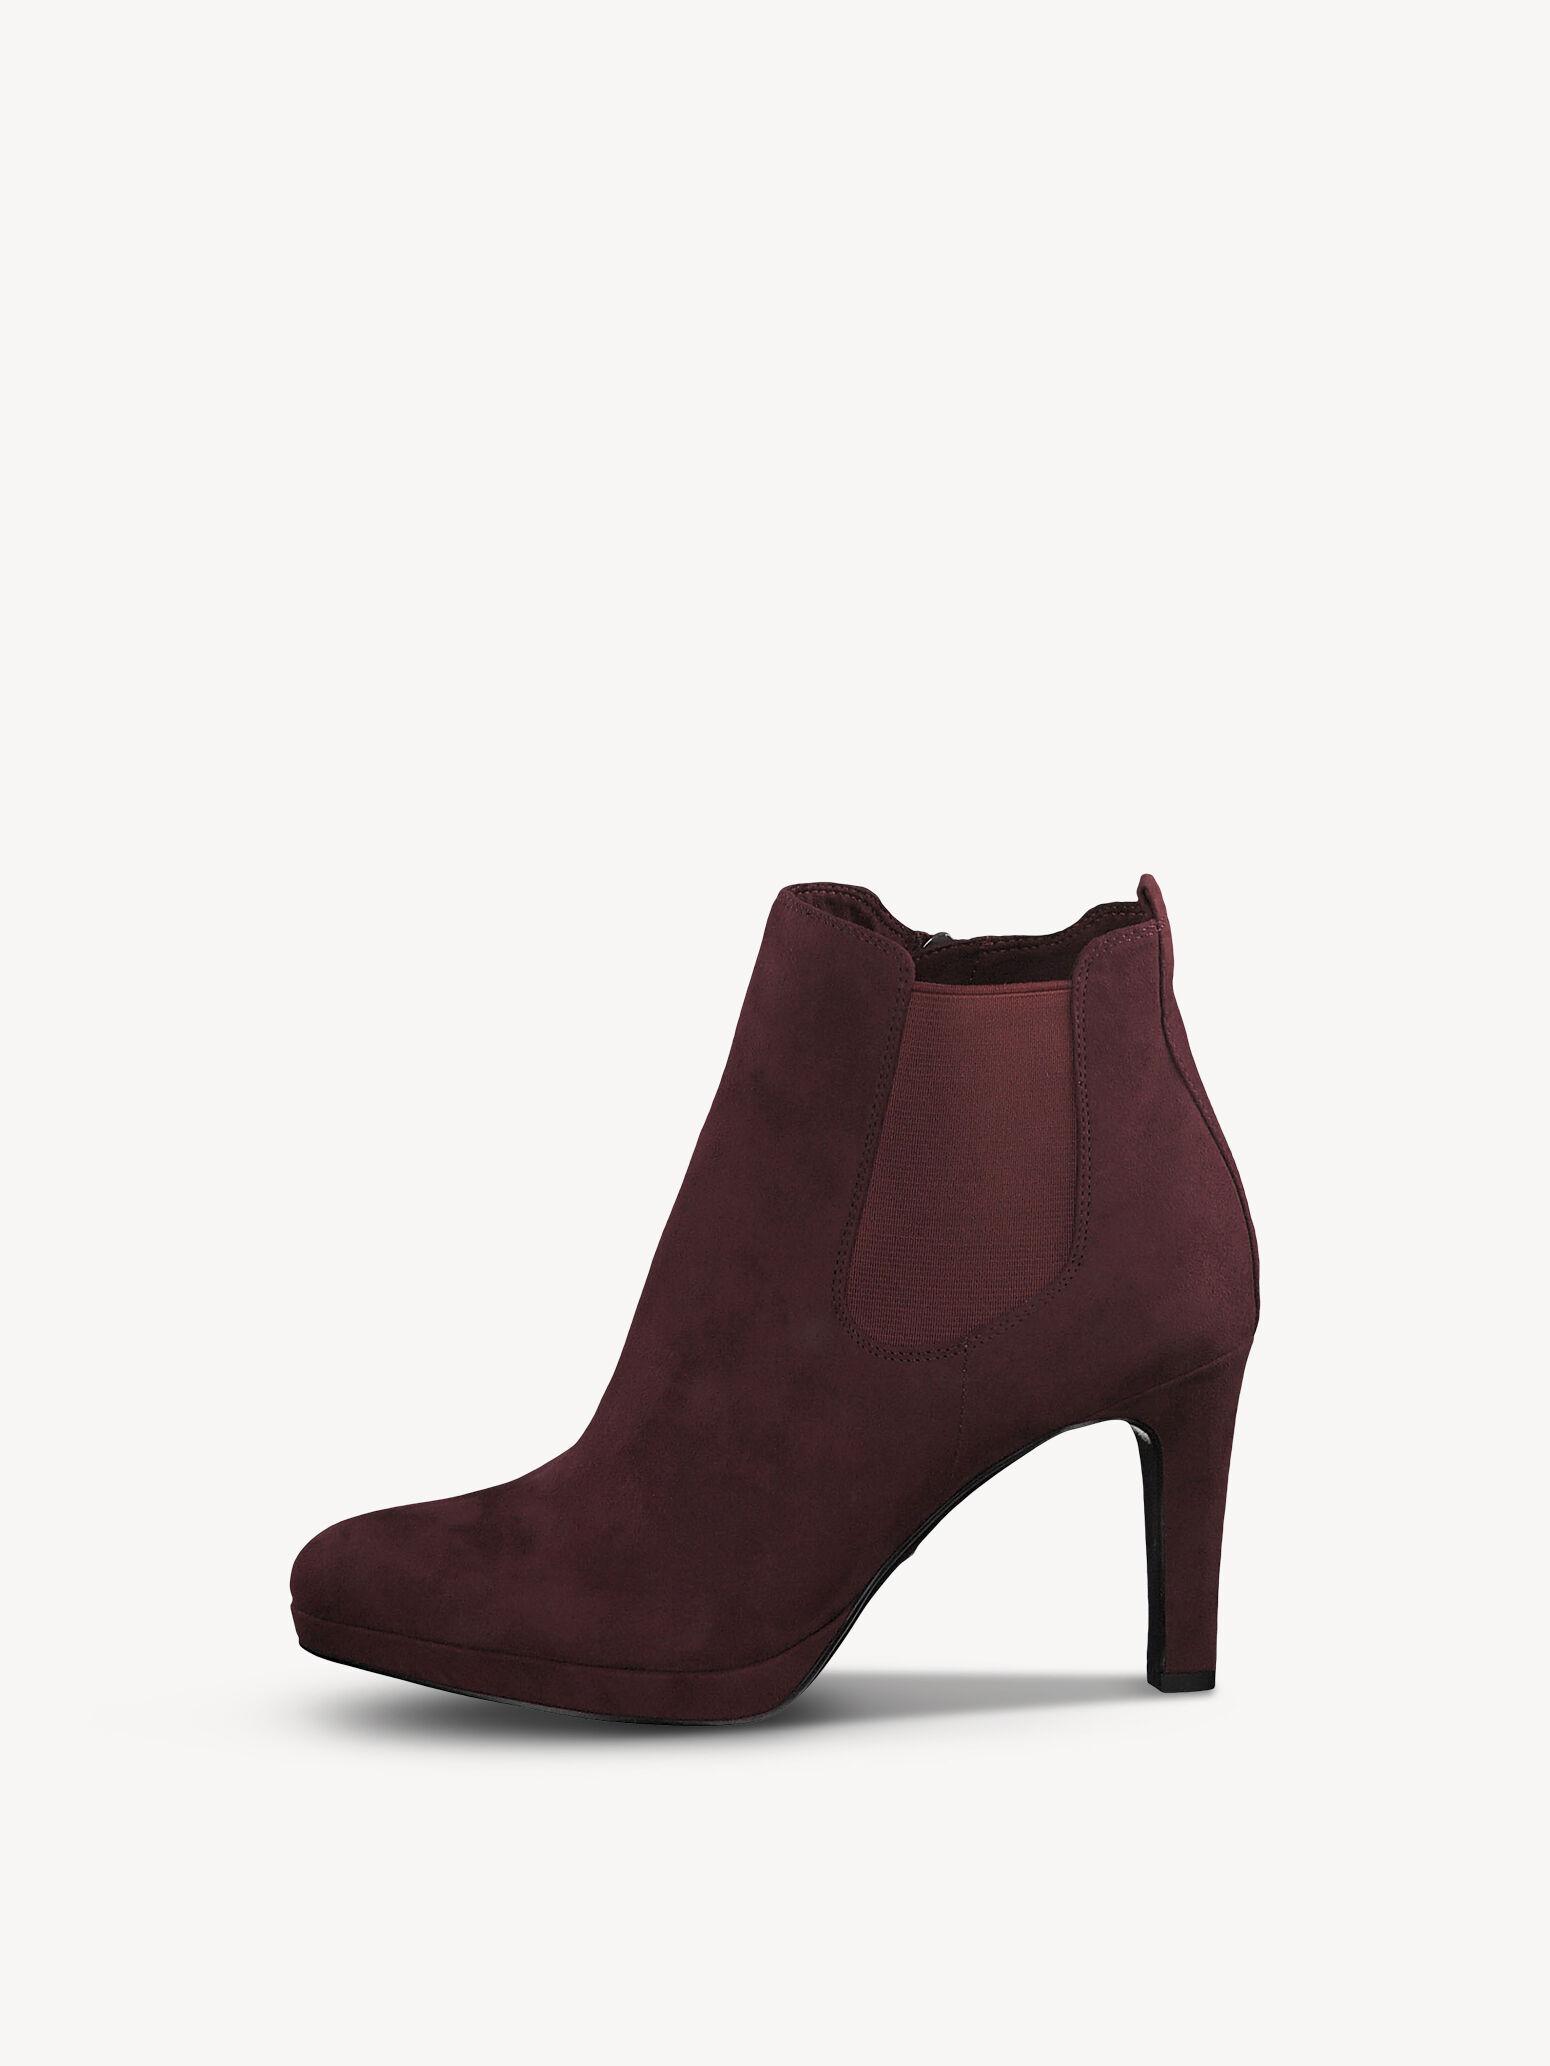 Stiefeletten in rot für Damen online kaufen Tamaris